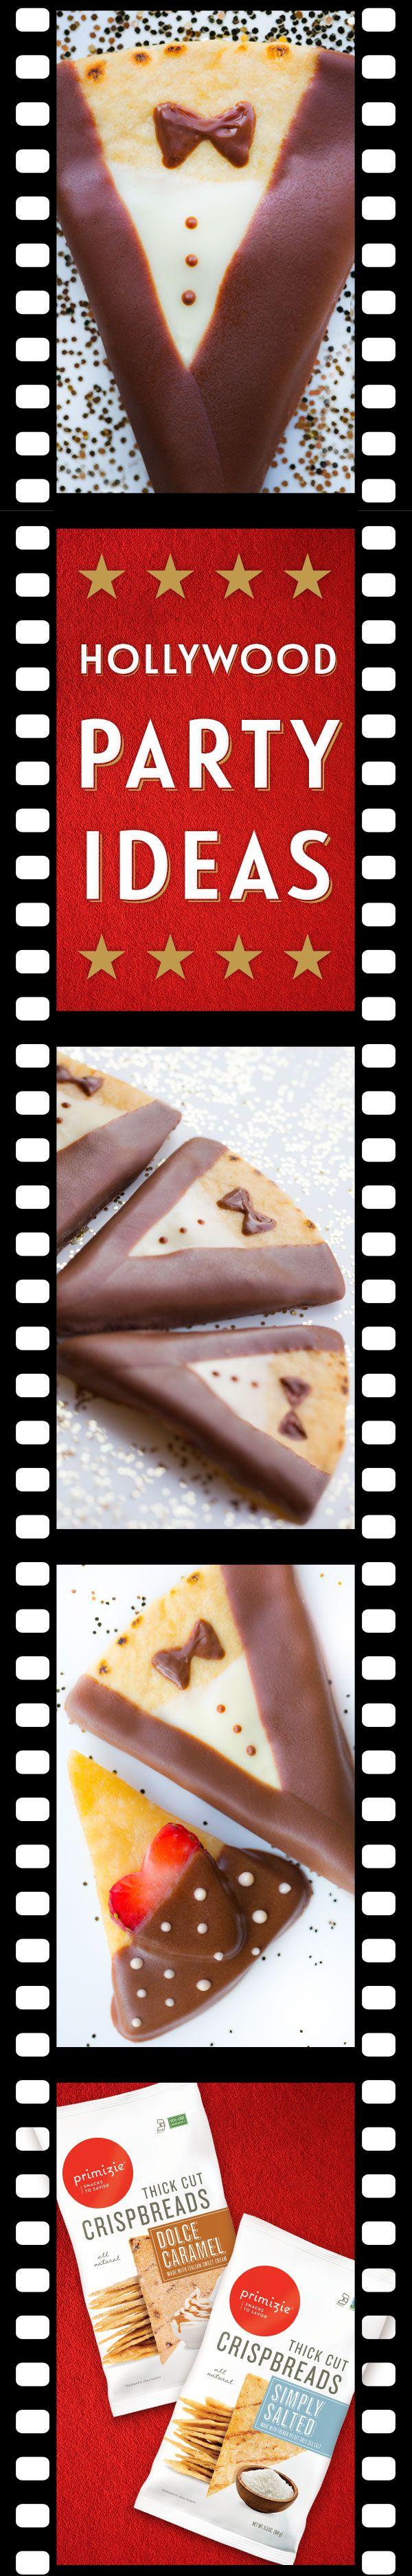 Chocolate Tuxedo Strawberry  Bites | Oscar Party Ideas | Throw a Hollywood theme party! SO delicious - make elegant chocolate dipped tuxedo and strawberry bites.